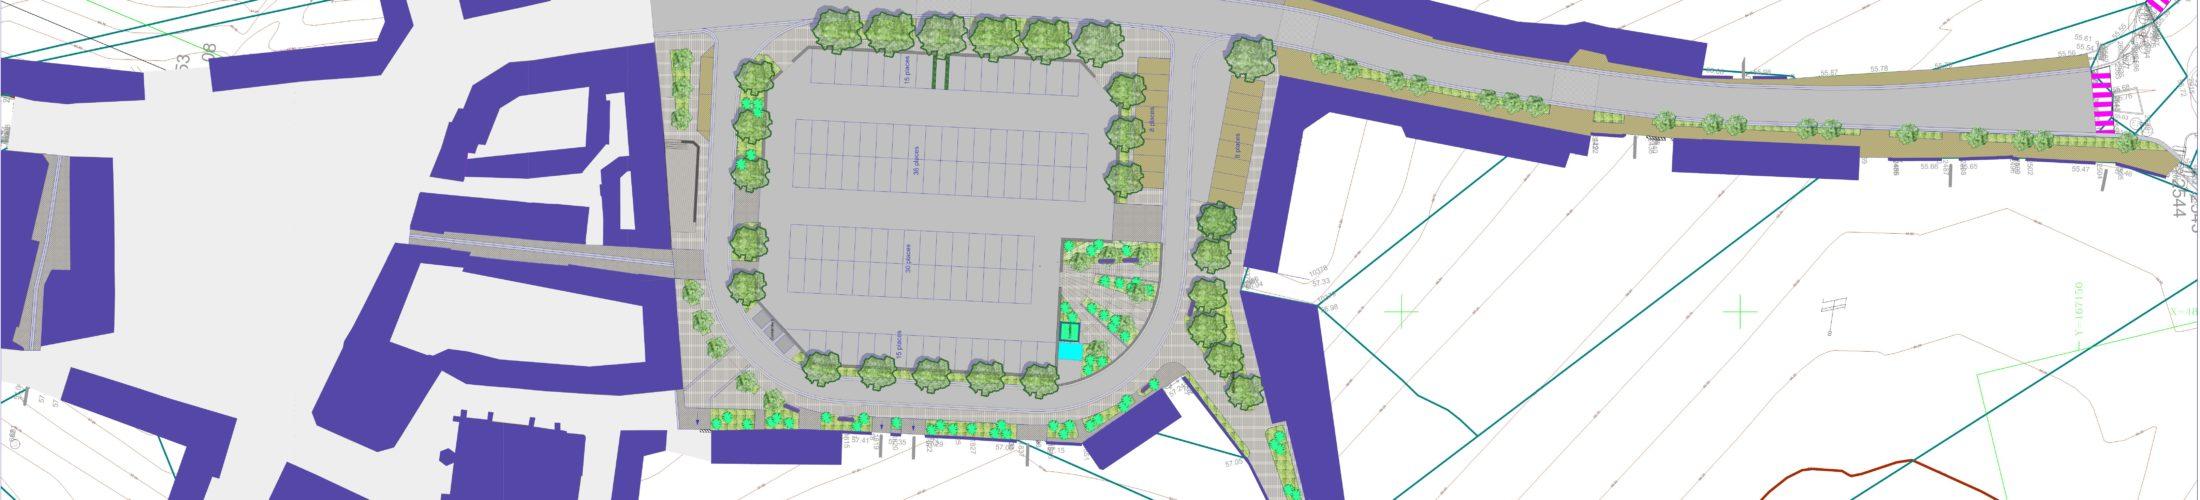 La réhabilitation de la place Frémont des Essarts la 3ème phase du projet global de réhabilitation du centre-ville  L'enjeu central de l'action de 1